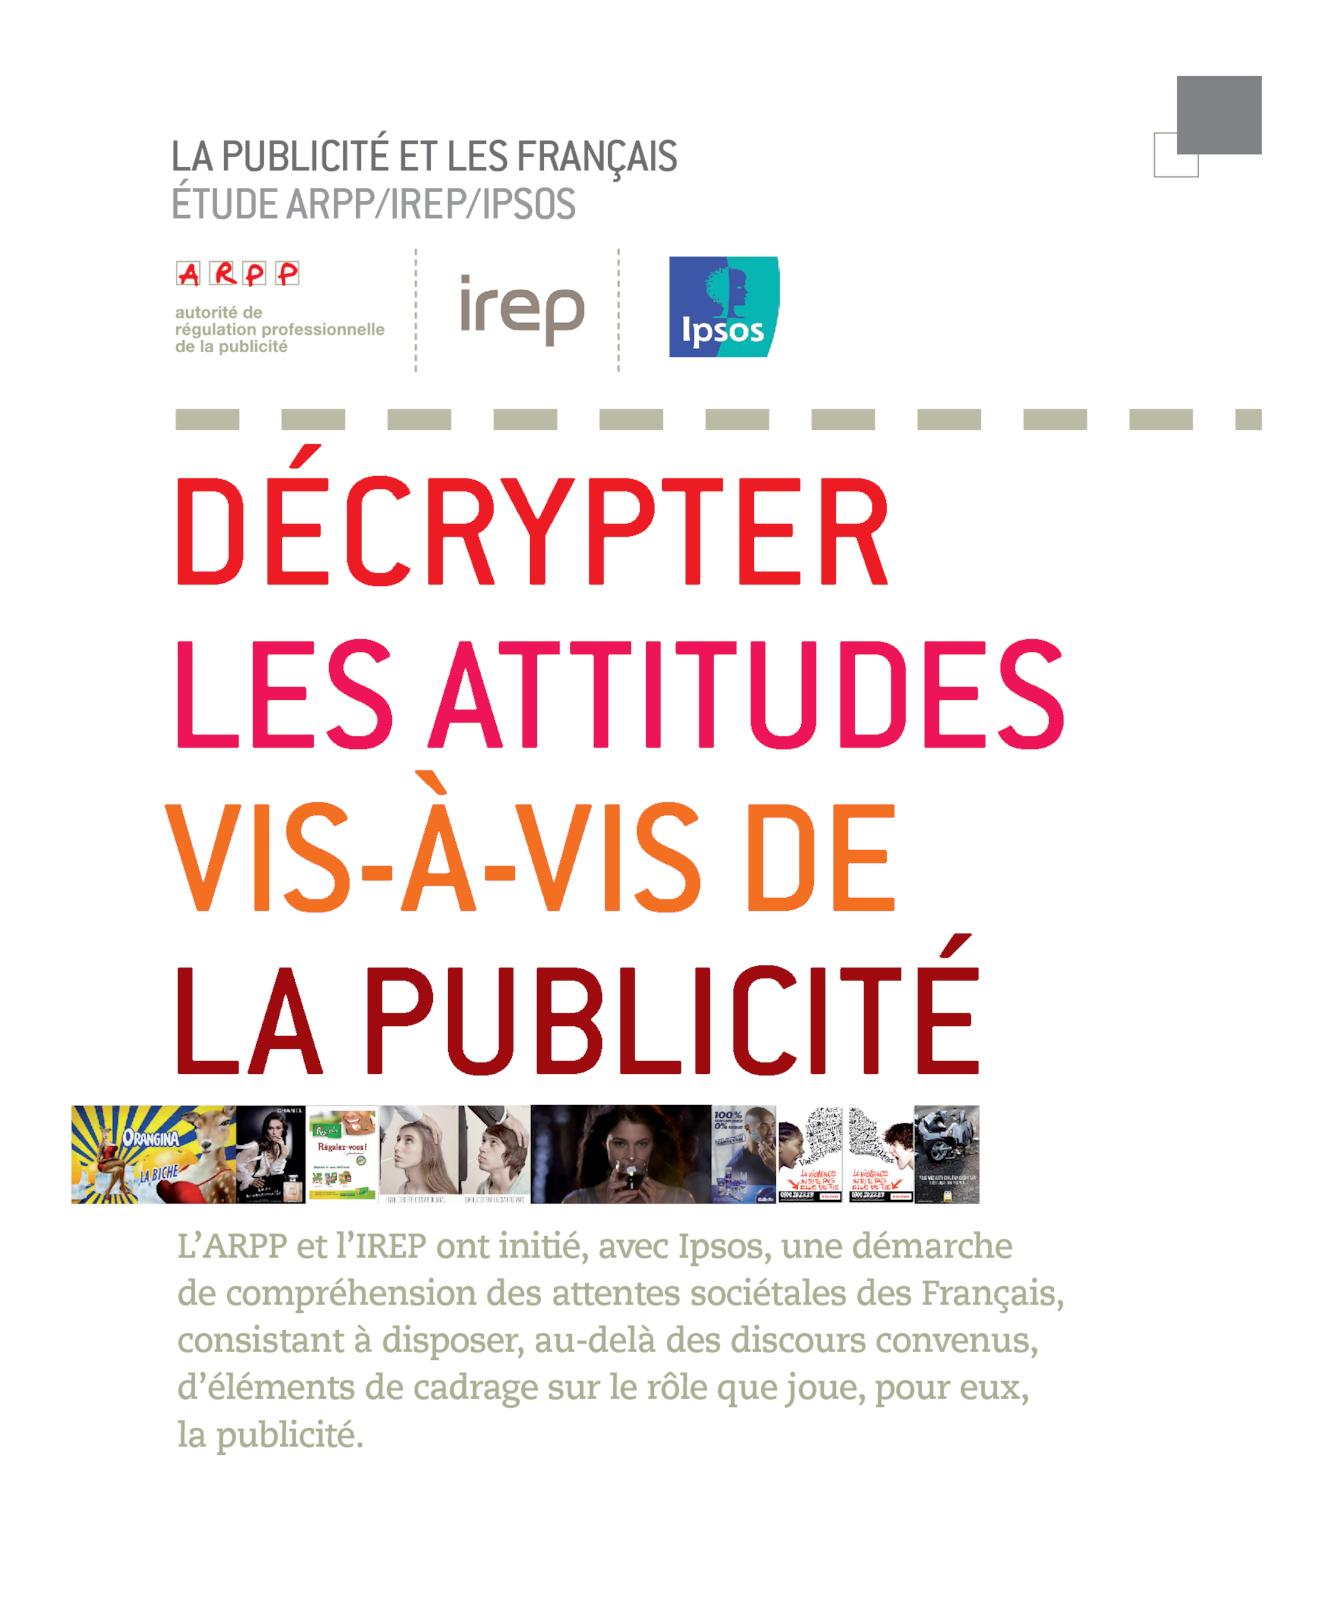 Étude ARPP/IREP/IPSOS : La publicité et les français, novembre 2012